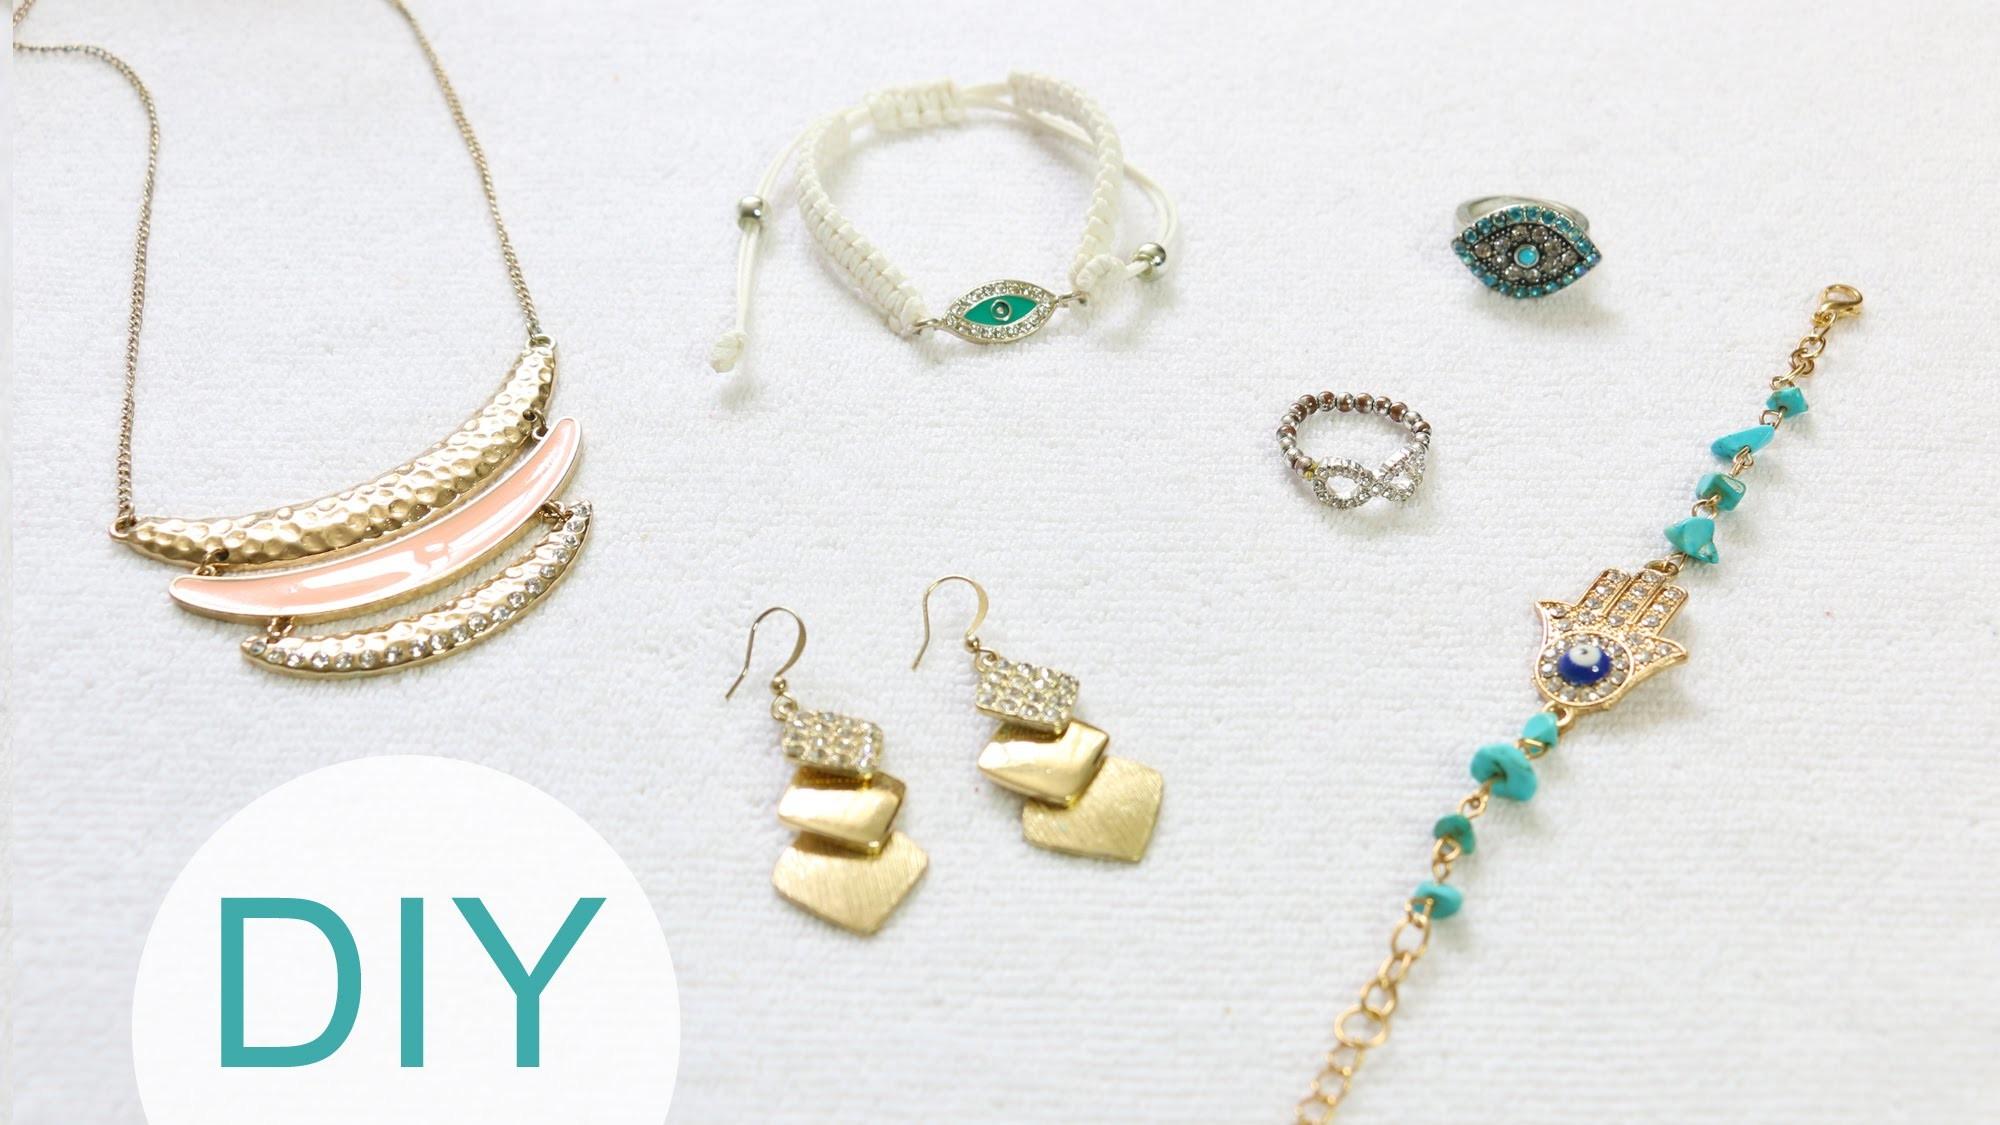 DIY: Cómo Proteger tus Joyas (de oxidar. con piedras) | LynSireEspañol